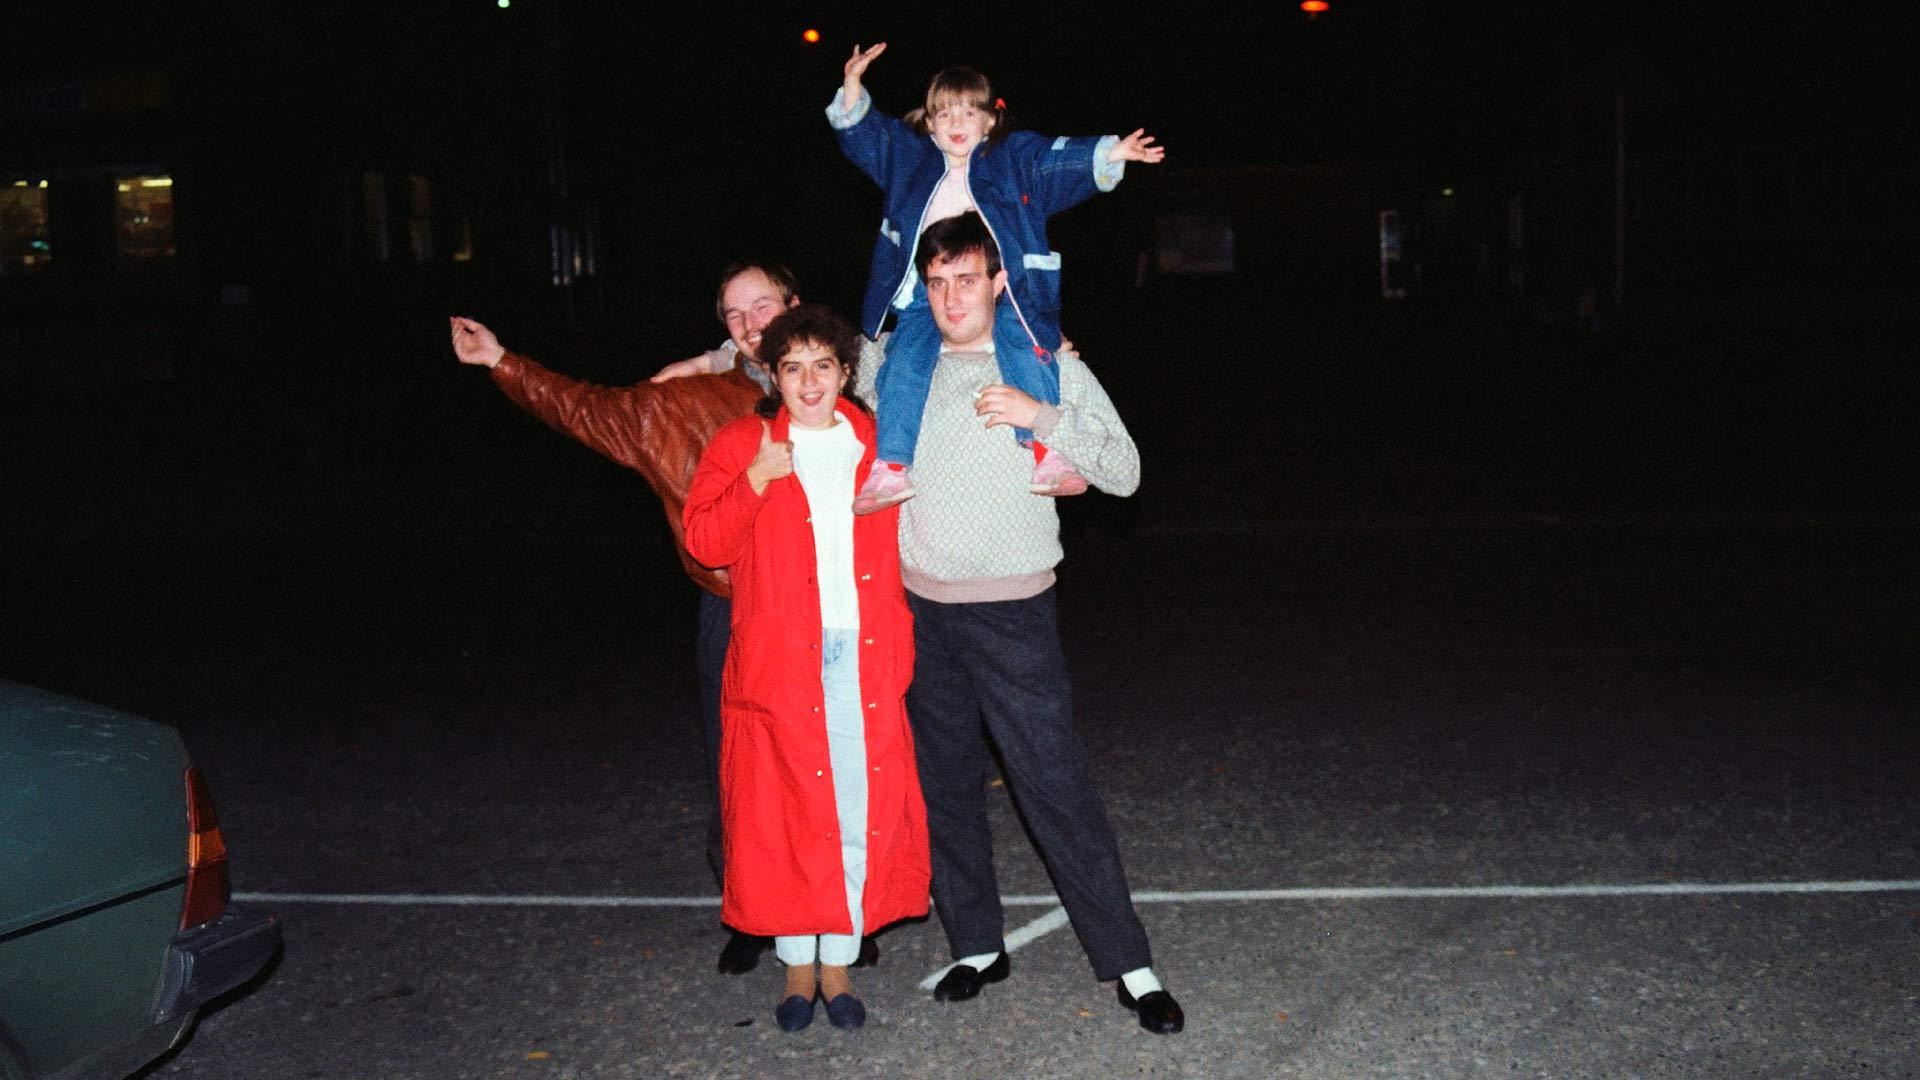 Ruotsissa! Pauli Hyytinen sekä Heli, Maria ja Erik Valge juhlivat Bodenin rautatieasemalla lokakuussa 1989.